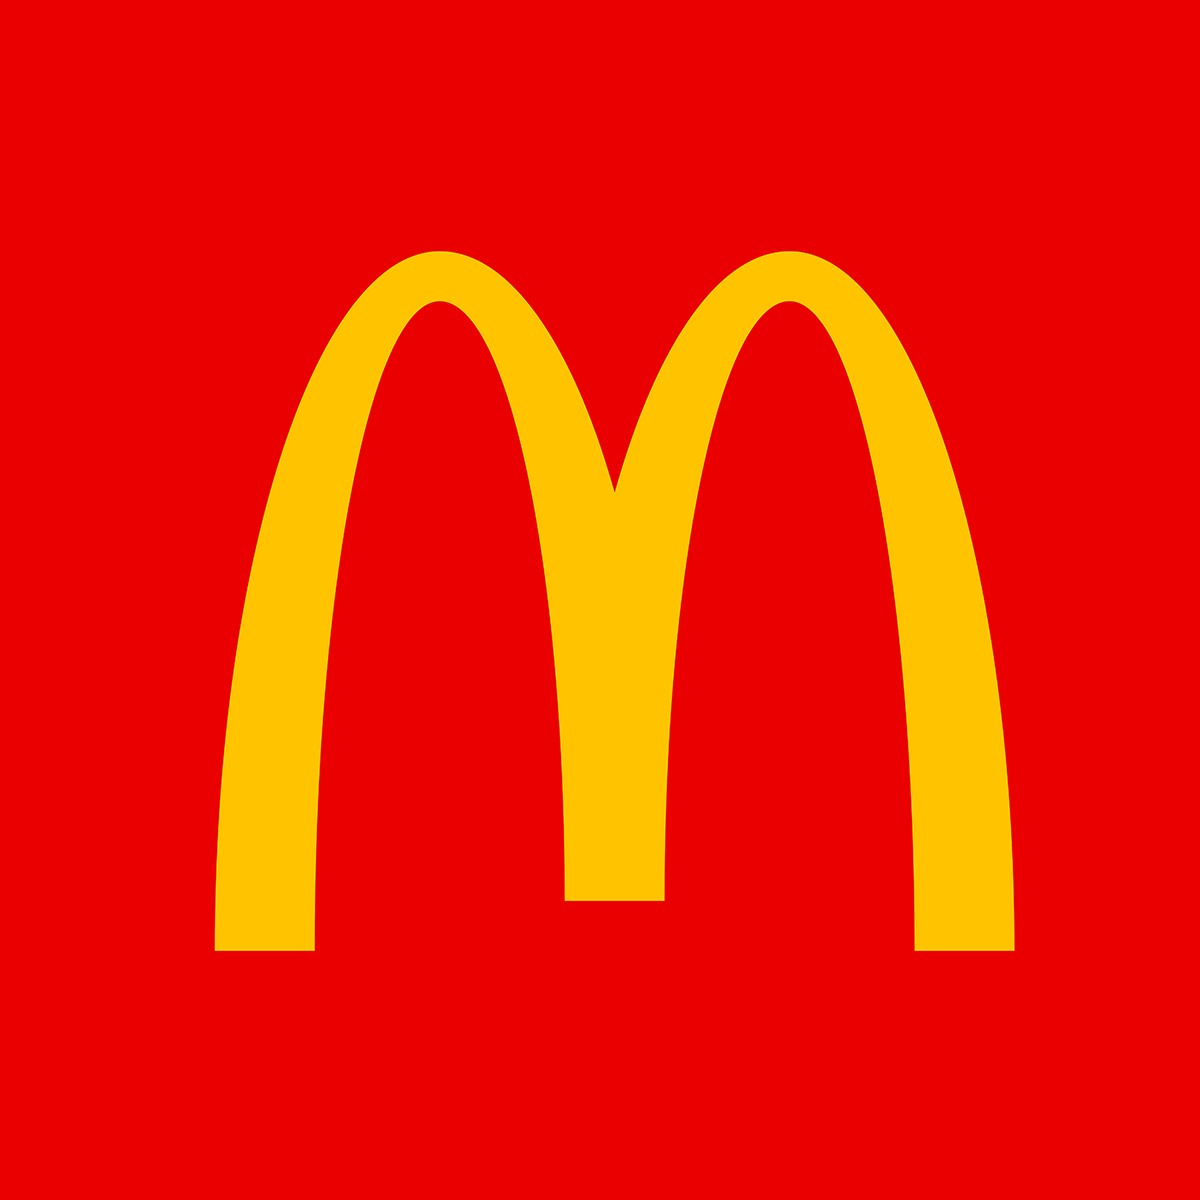 Quels sont ces logos de fast-foods célèbres